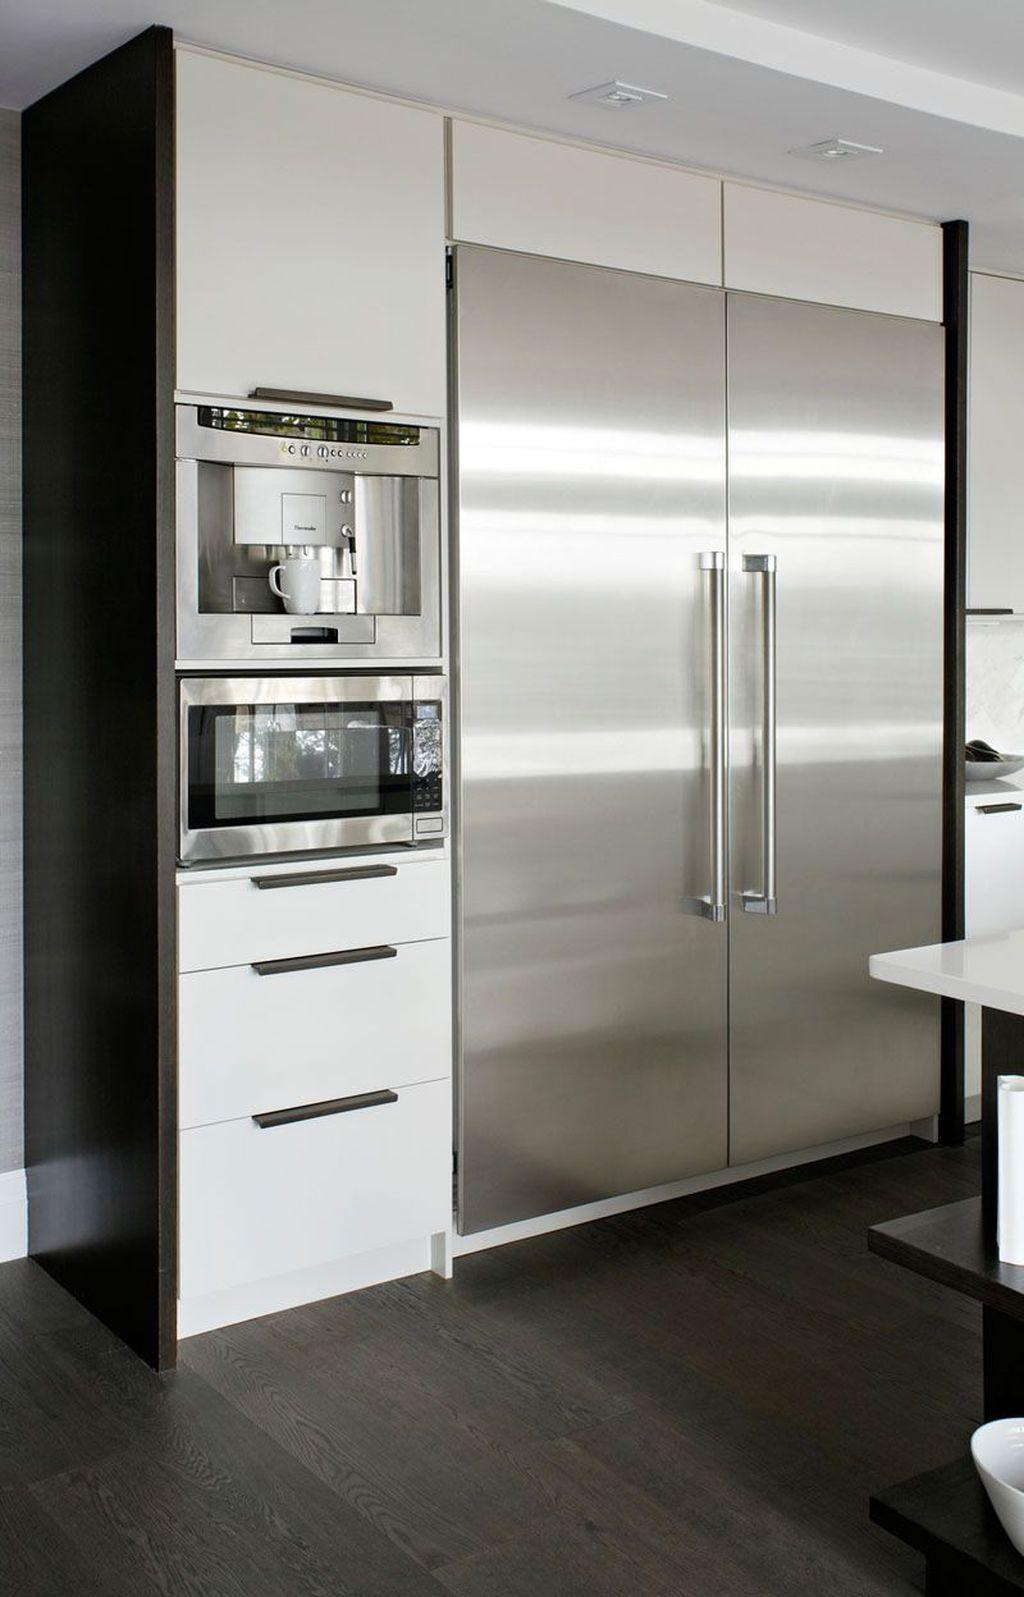 53 Favorite Modern Kitchen Design Ideas To Inspire Chef Heaven